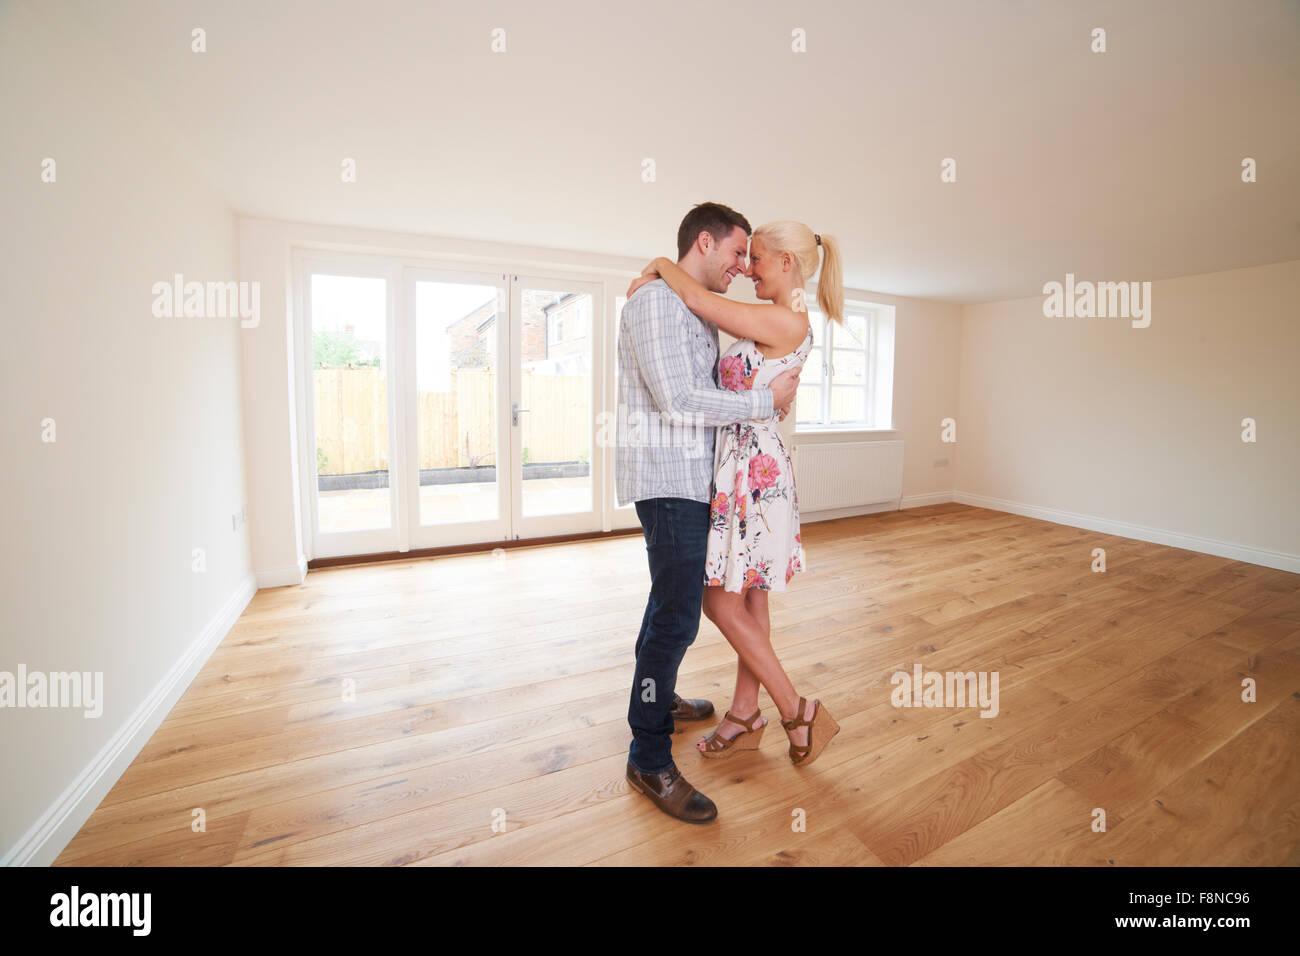 Jeune couple excité en salle vide de leur première maison Photo Stock